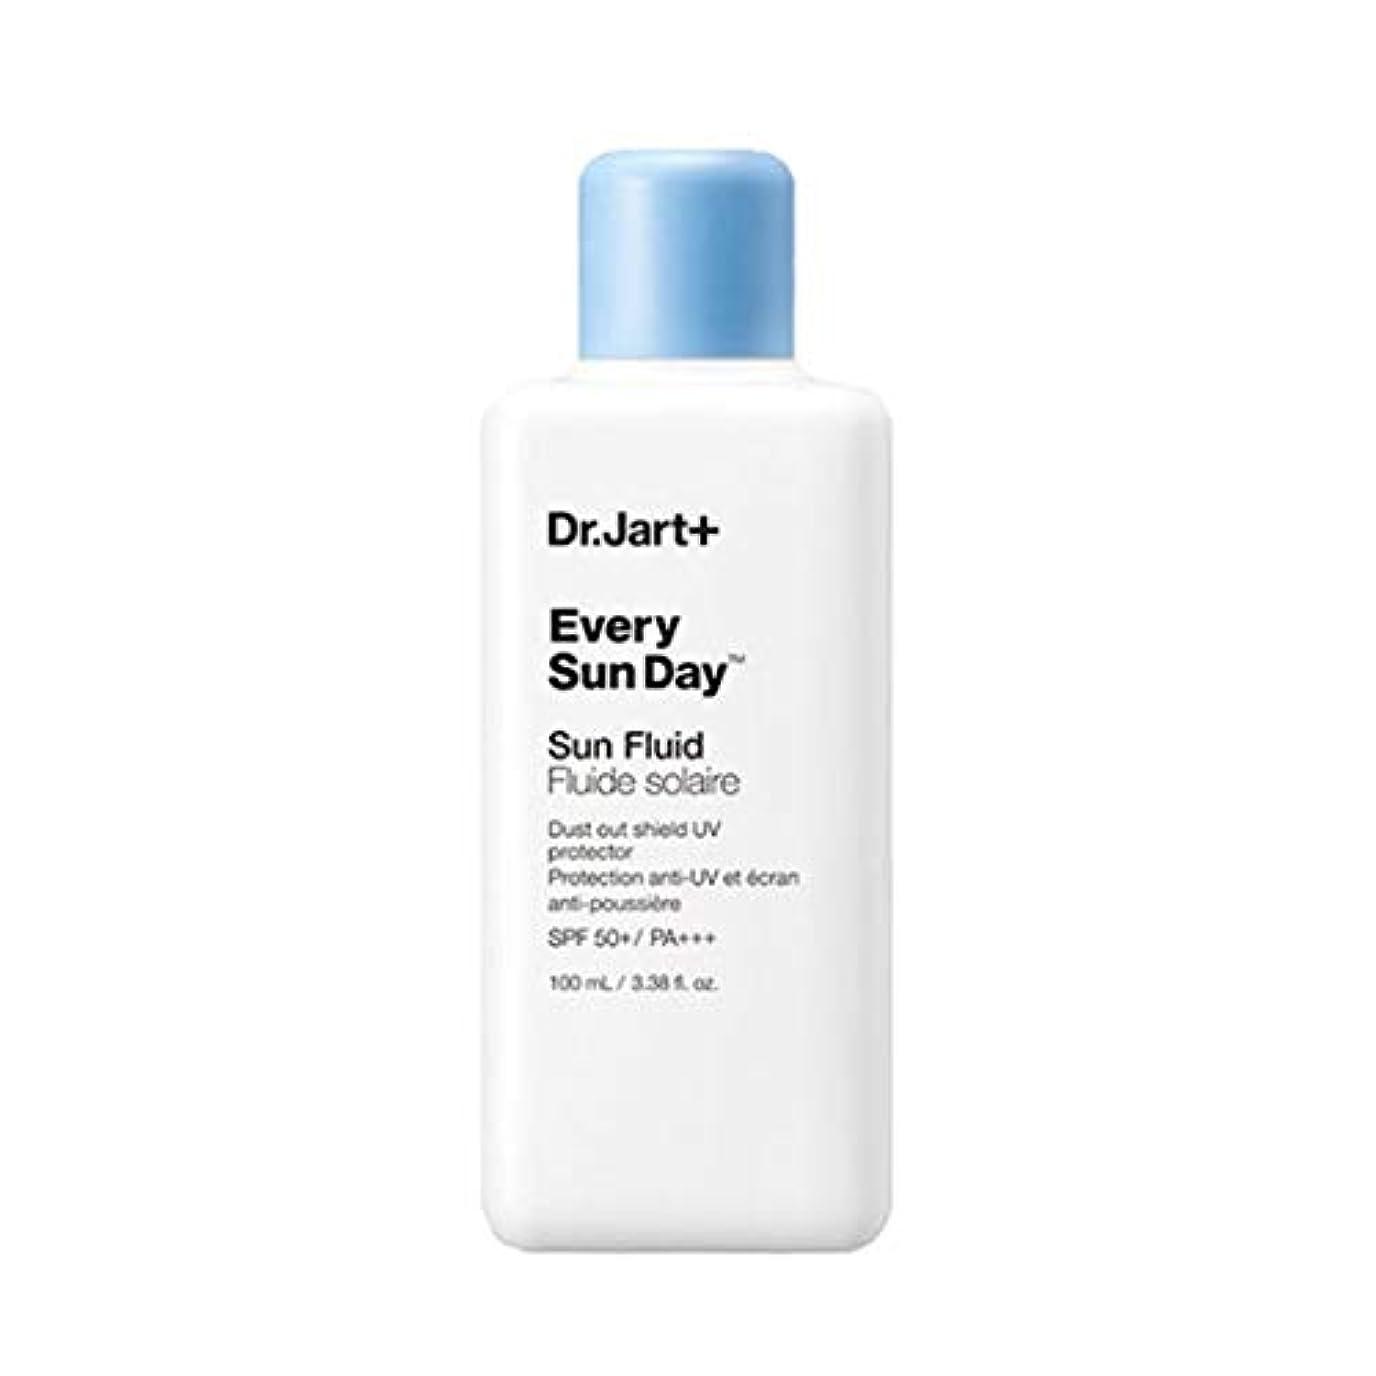 ペインギリックバーター建てるドクタージャルトゥエヴリサンデーソンプルルイドゥSPF50+PA+++100mlソンクリム、Dr.Jart Every Sun Day Sun Fluid SPF50+ PA+++ 100ml Sun Cream [並行輸入品]